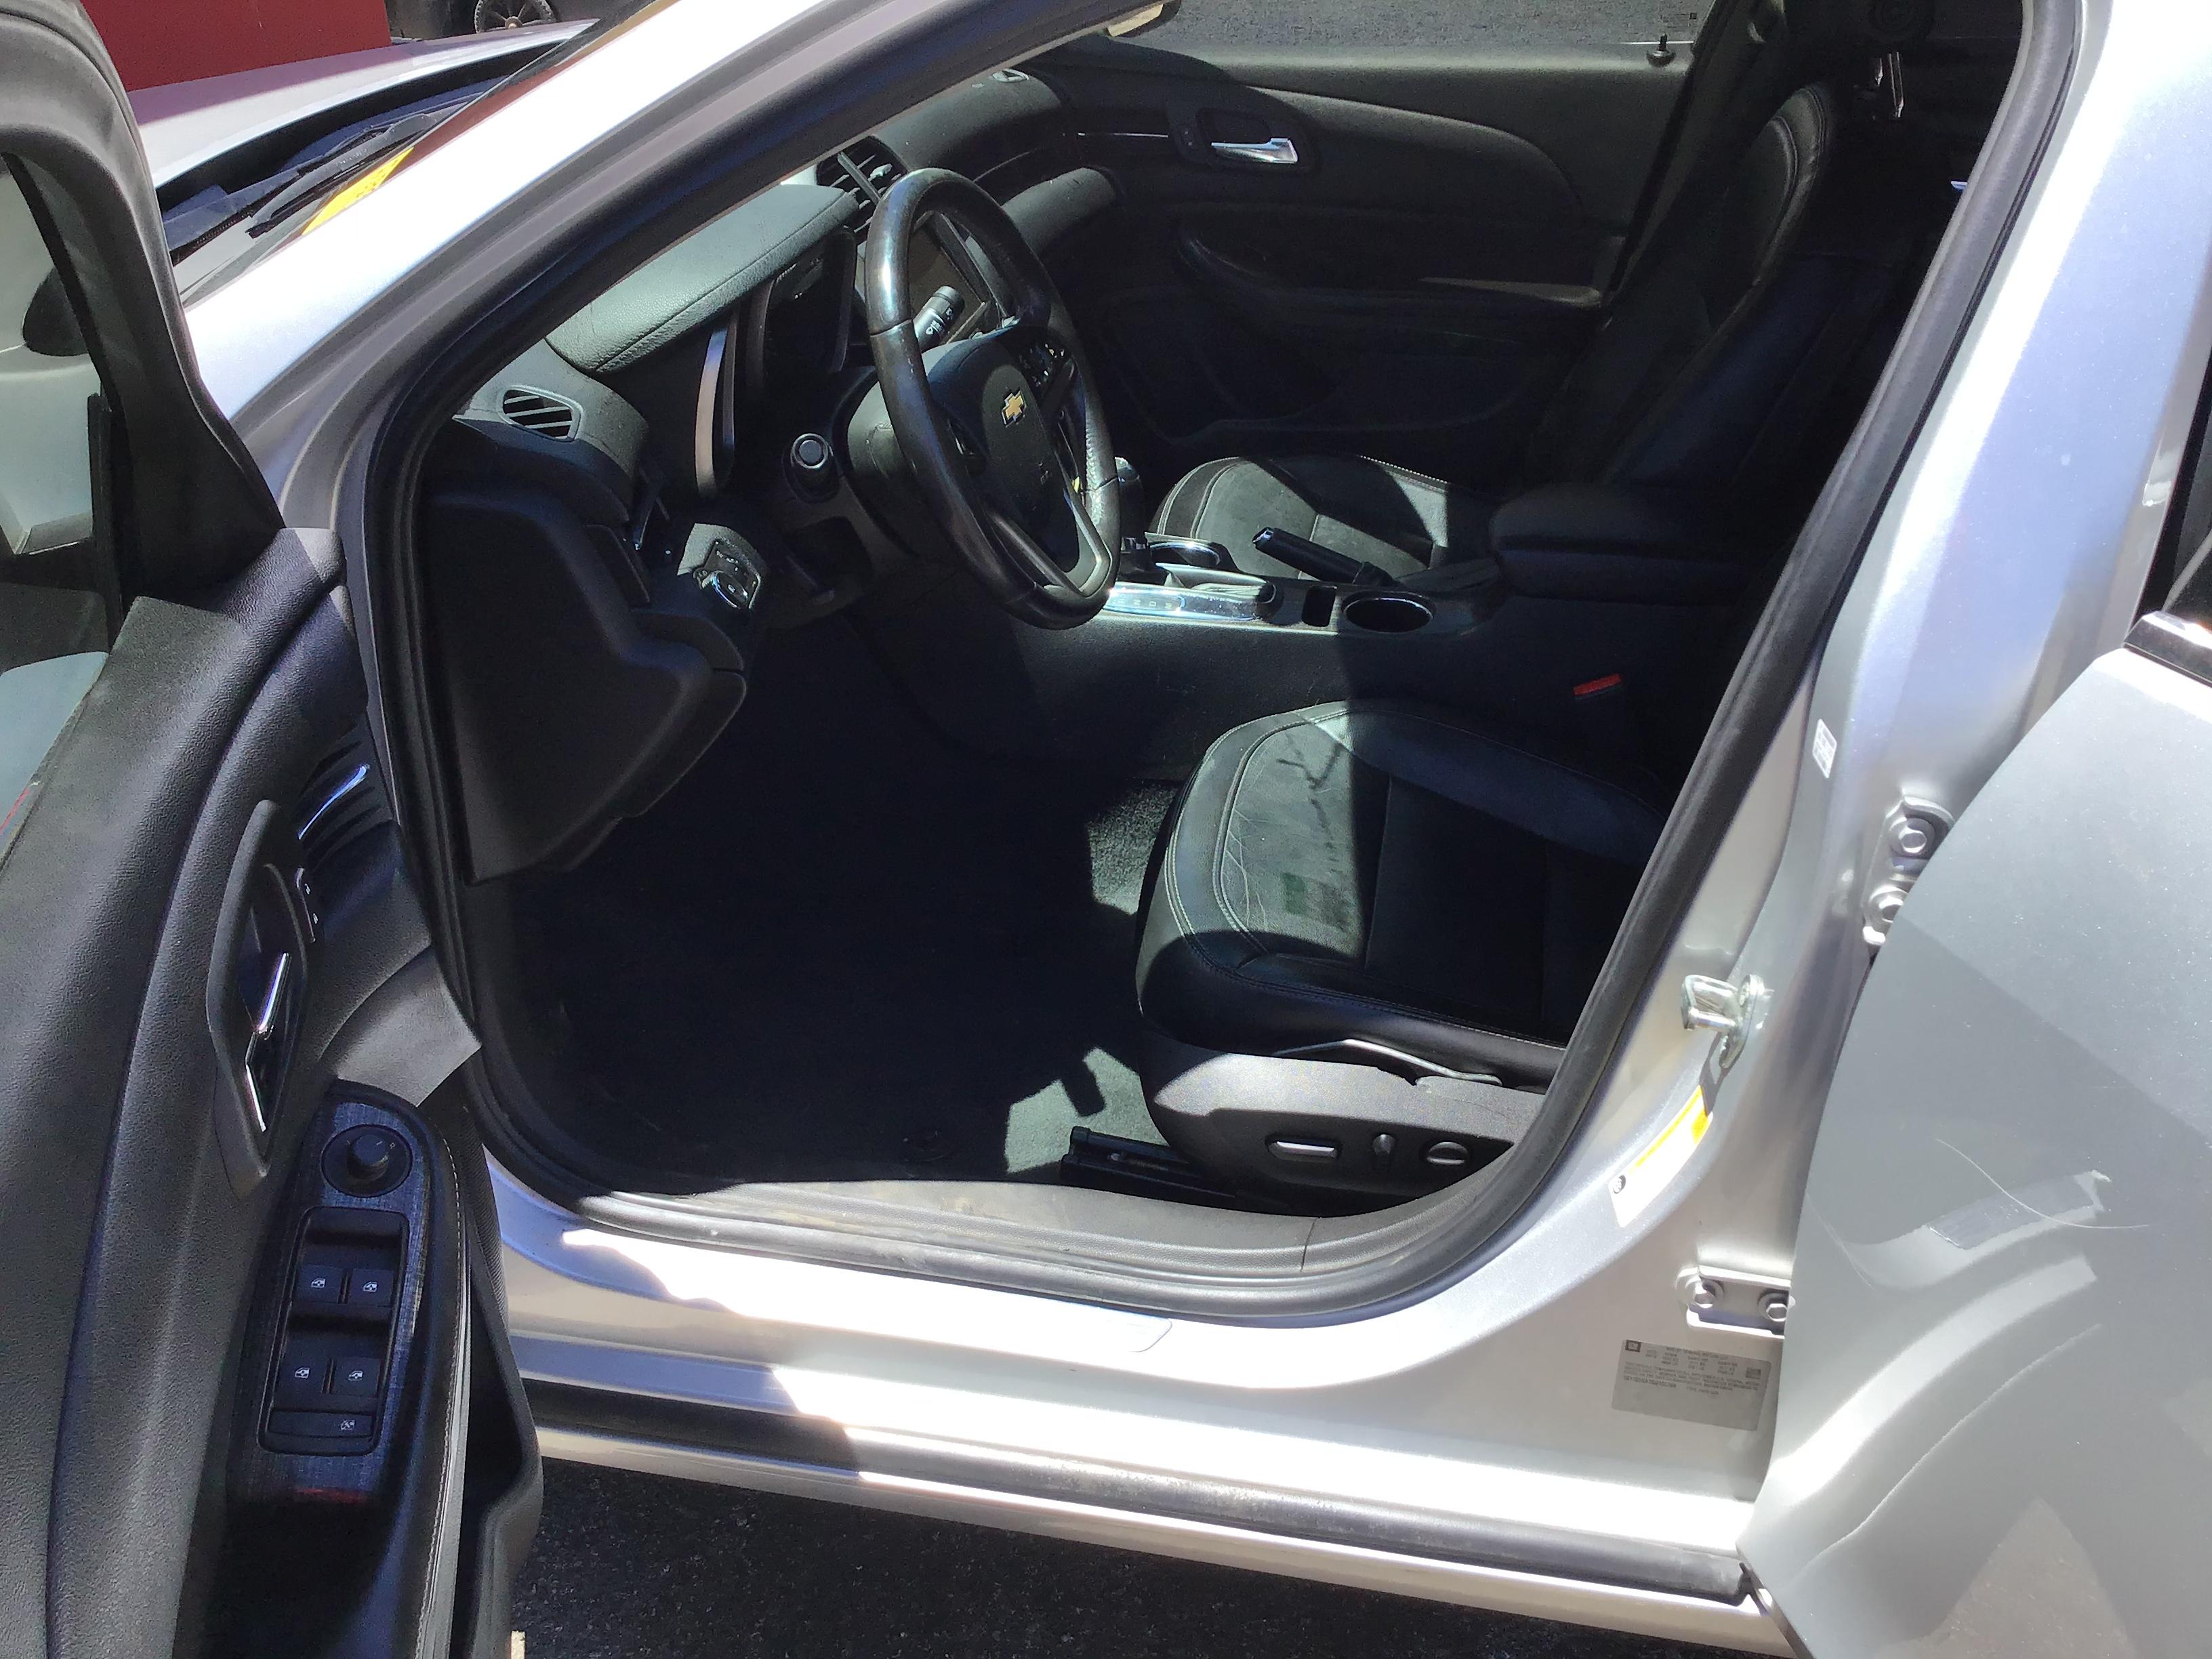 used vehicle - Sedan CHEVROLET MALIBU LIMITED 2016